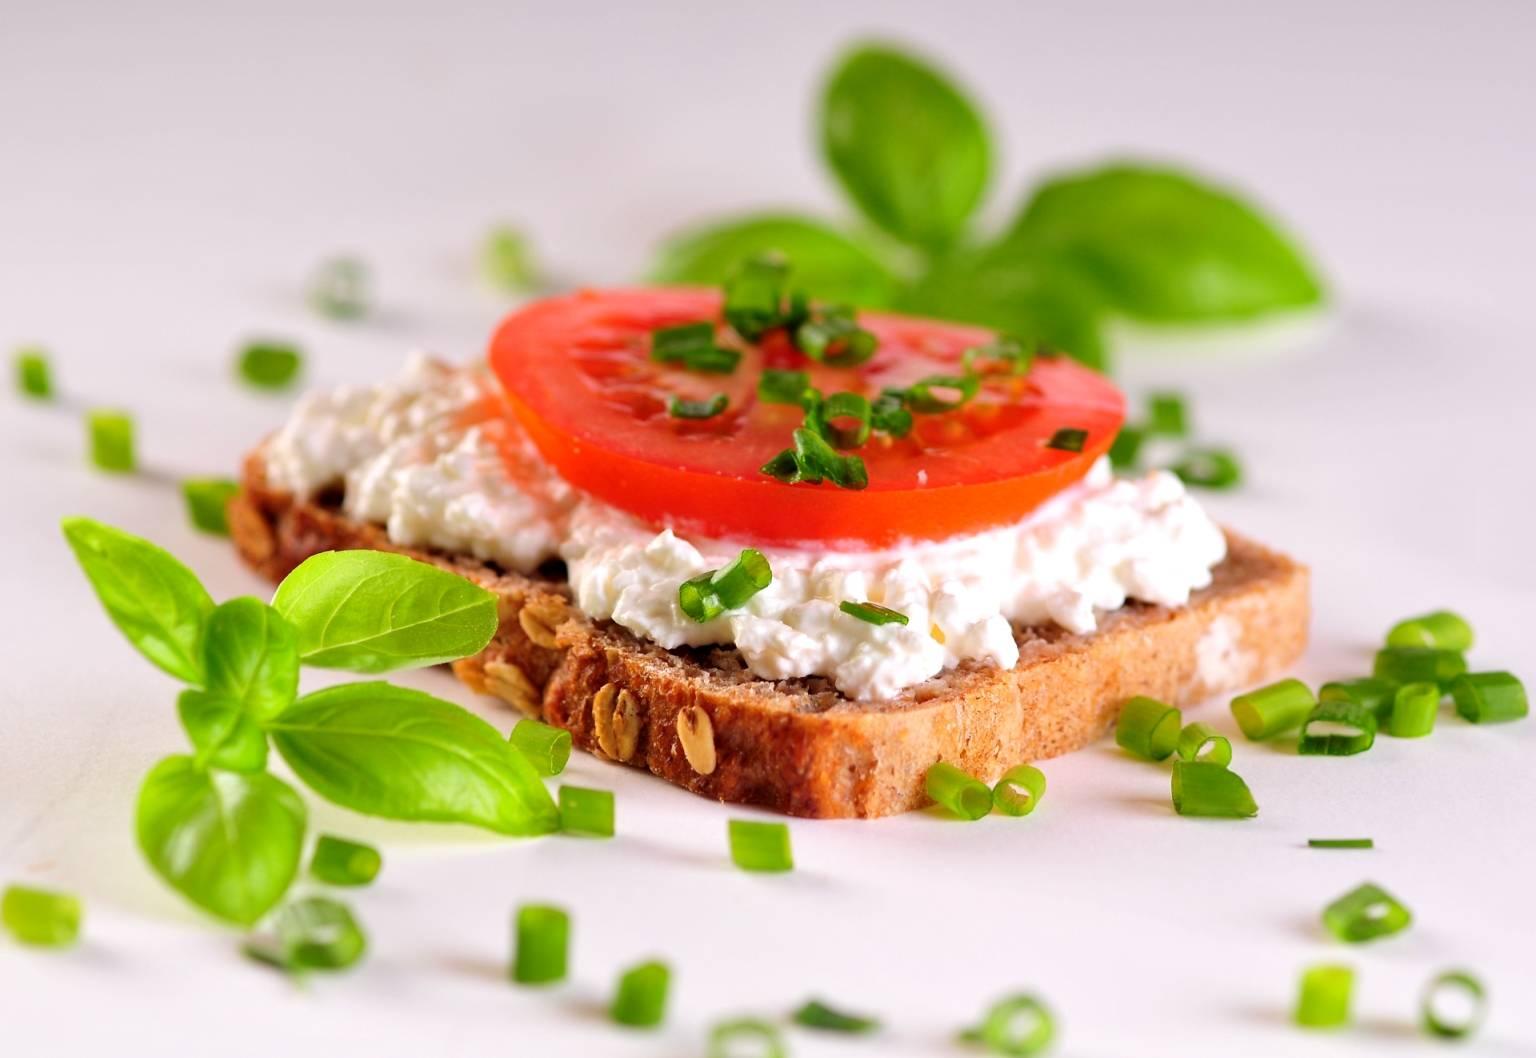 Dieta na odporność - unikaj produktów zawierających gluten. Kromka ciemnego pieczywa z twarożkiem, pomidorem, szczypiorkiem i listkami bazylii leży na białym blacie.